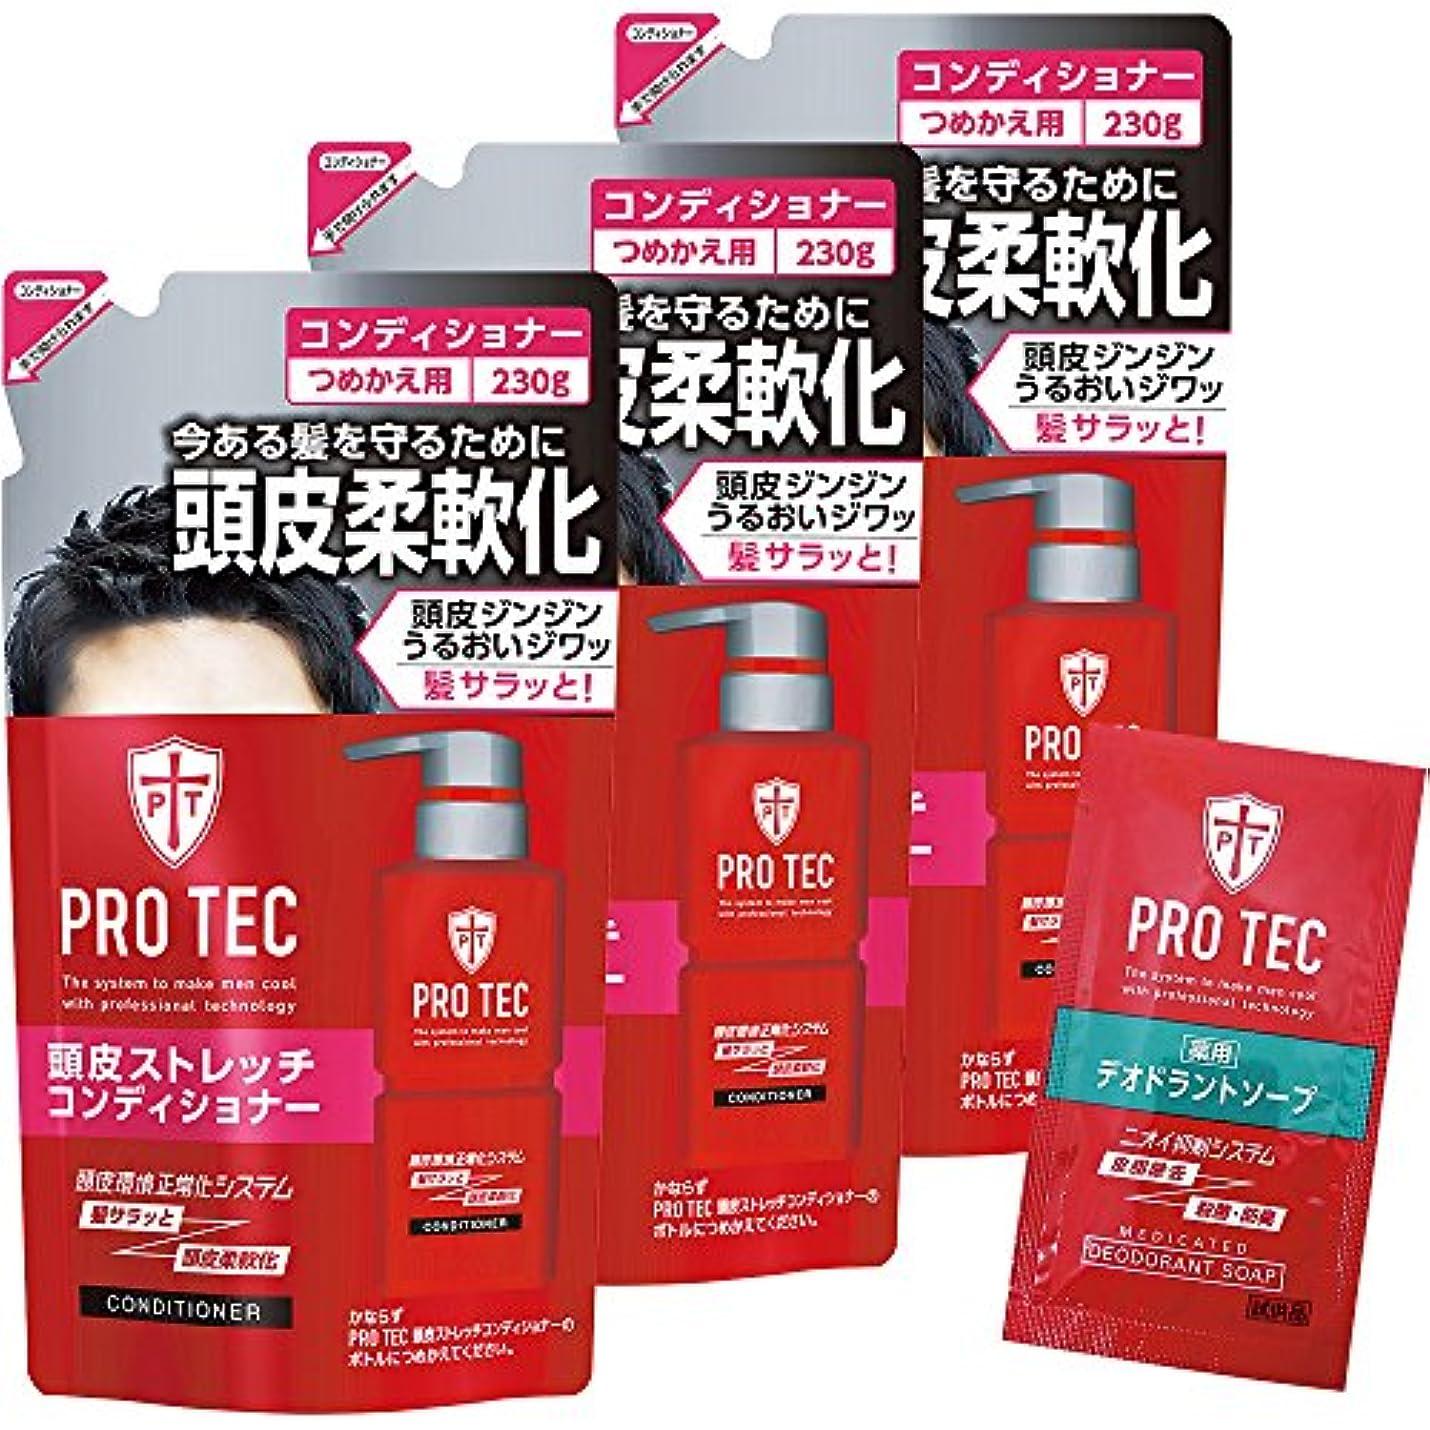 相談二次実証する【Amazon.co.jp限定】PRO TEC(プロテク) 頭皮ストレッチ コンディショナー 詰め替え 230g×3個パック+デオドラントソープ1回分付(医薬部外品)